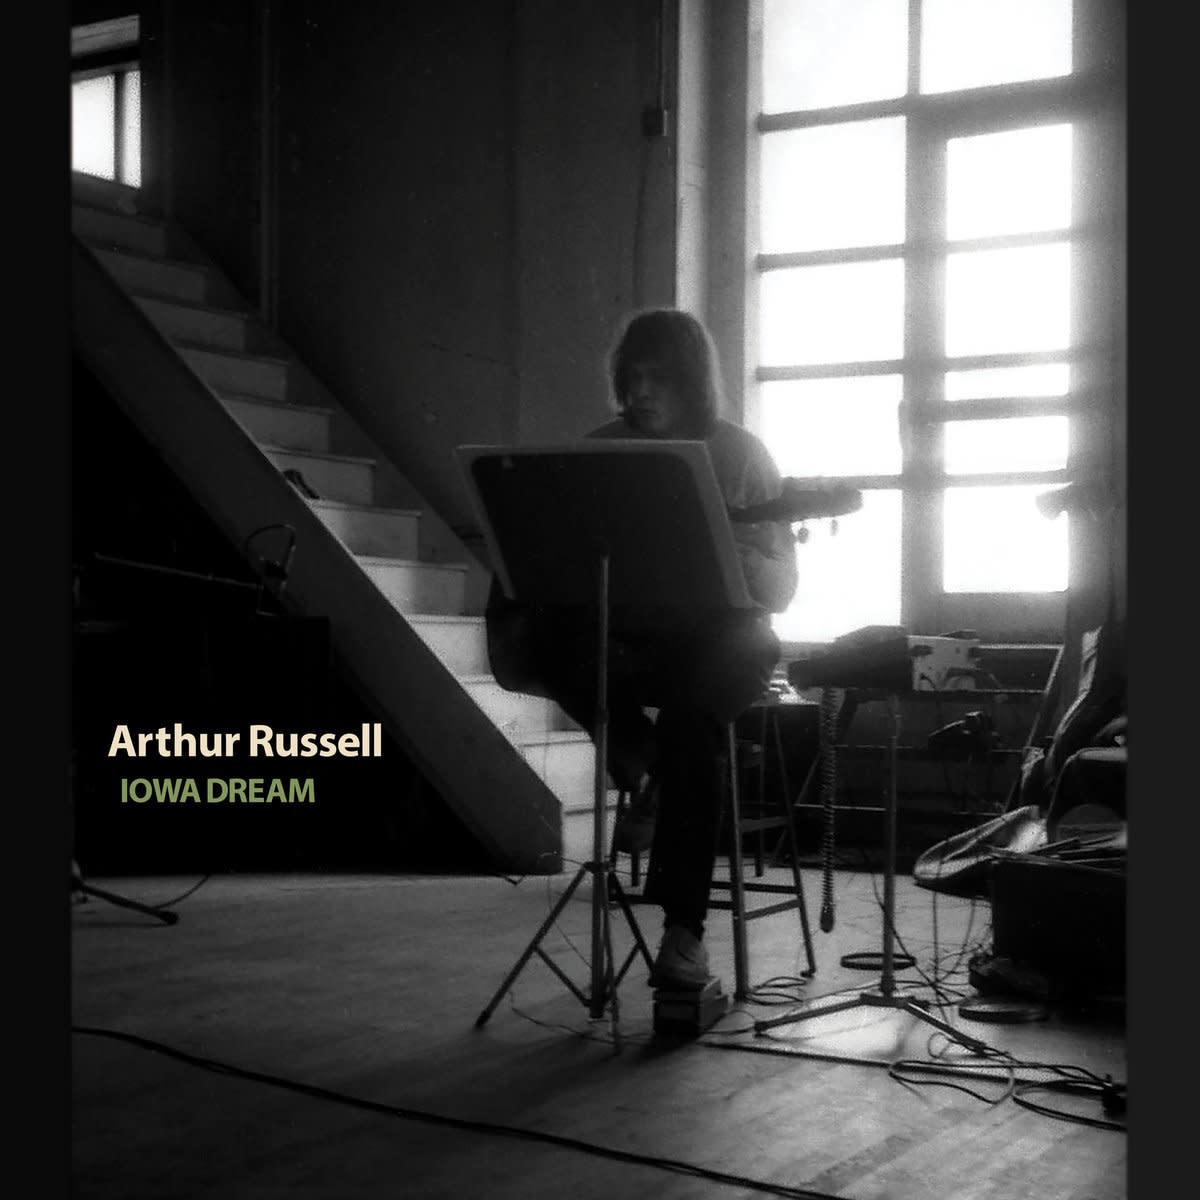 Rock/Pop Arthur Russell - Iowa Dream